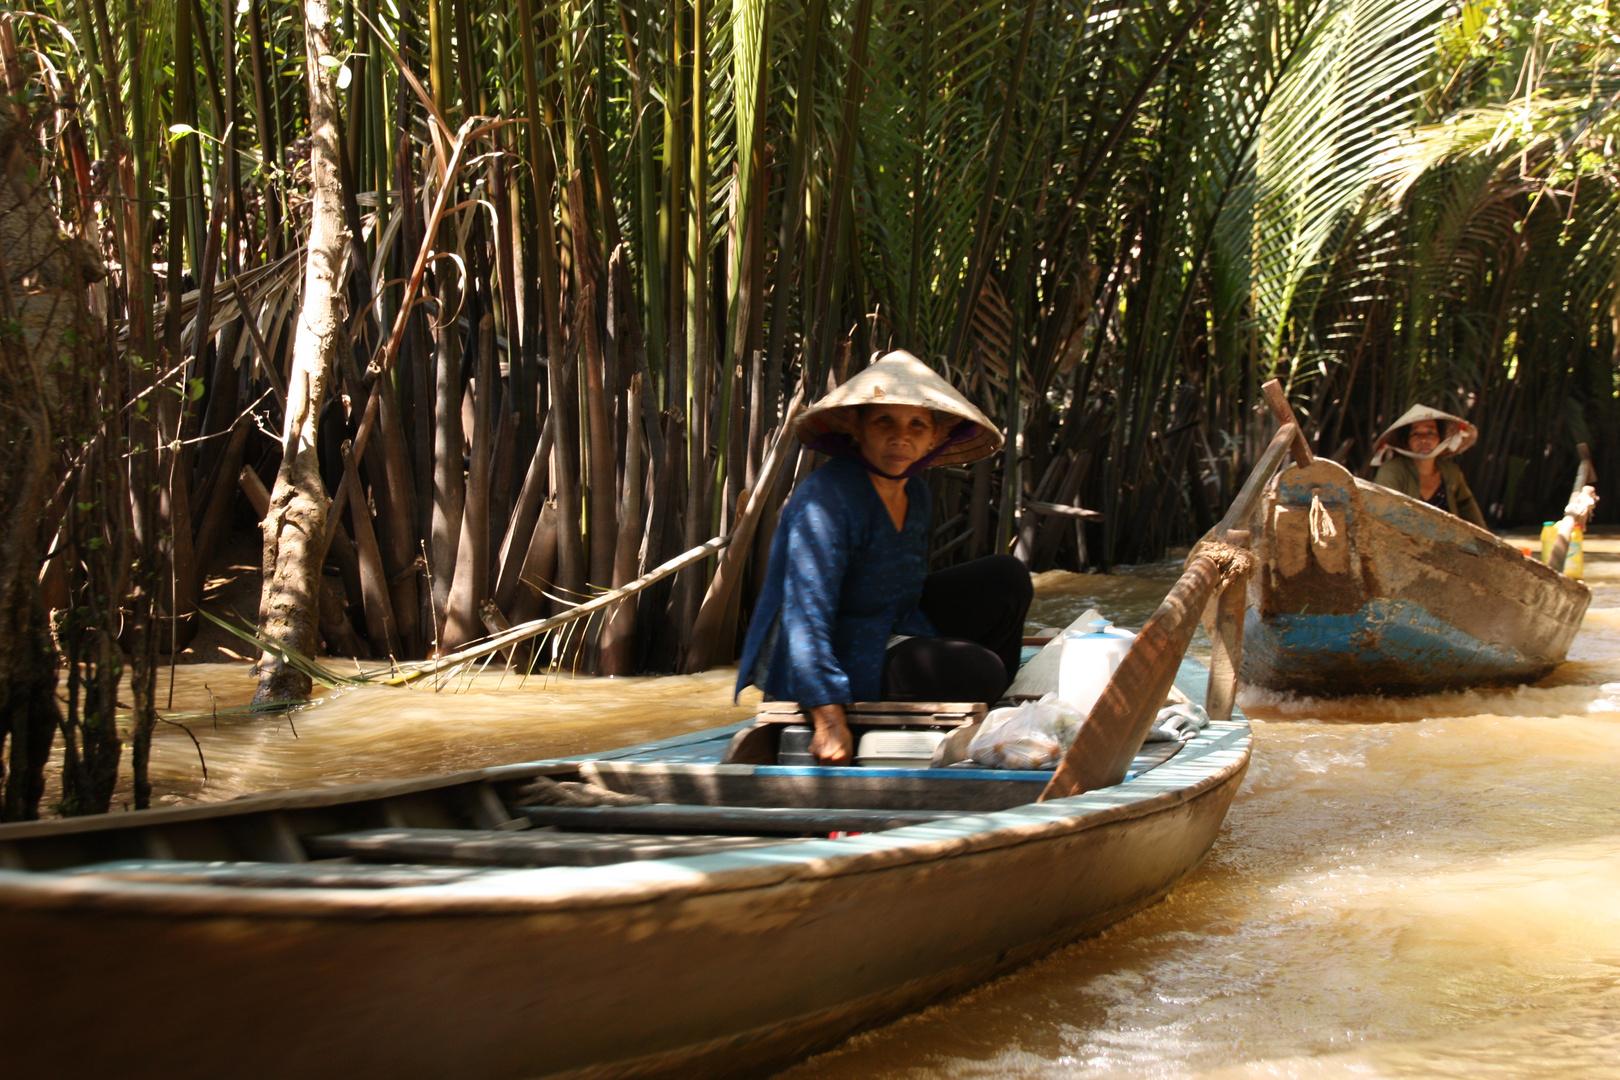 Transportmittel Nr. 1 auf den Inseln im Mekong Delta